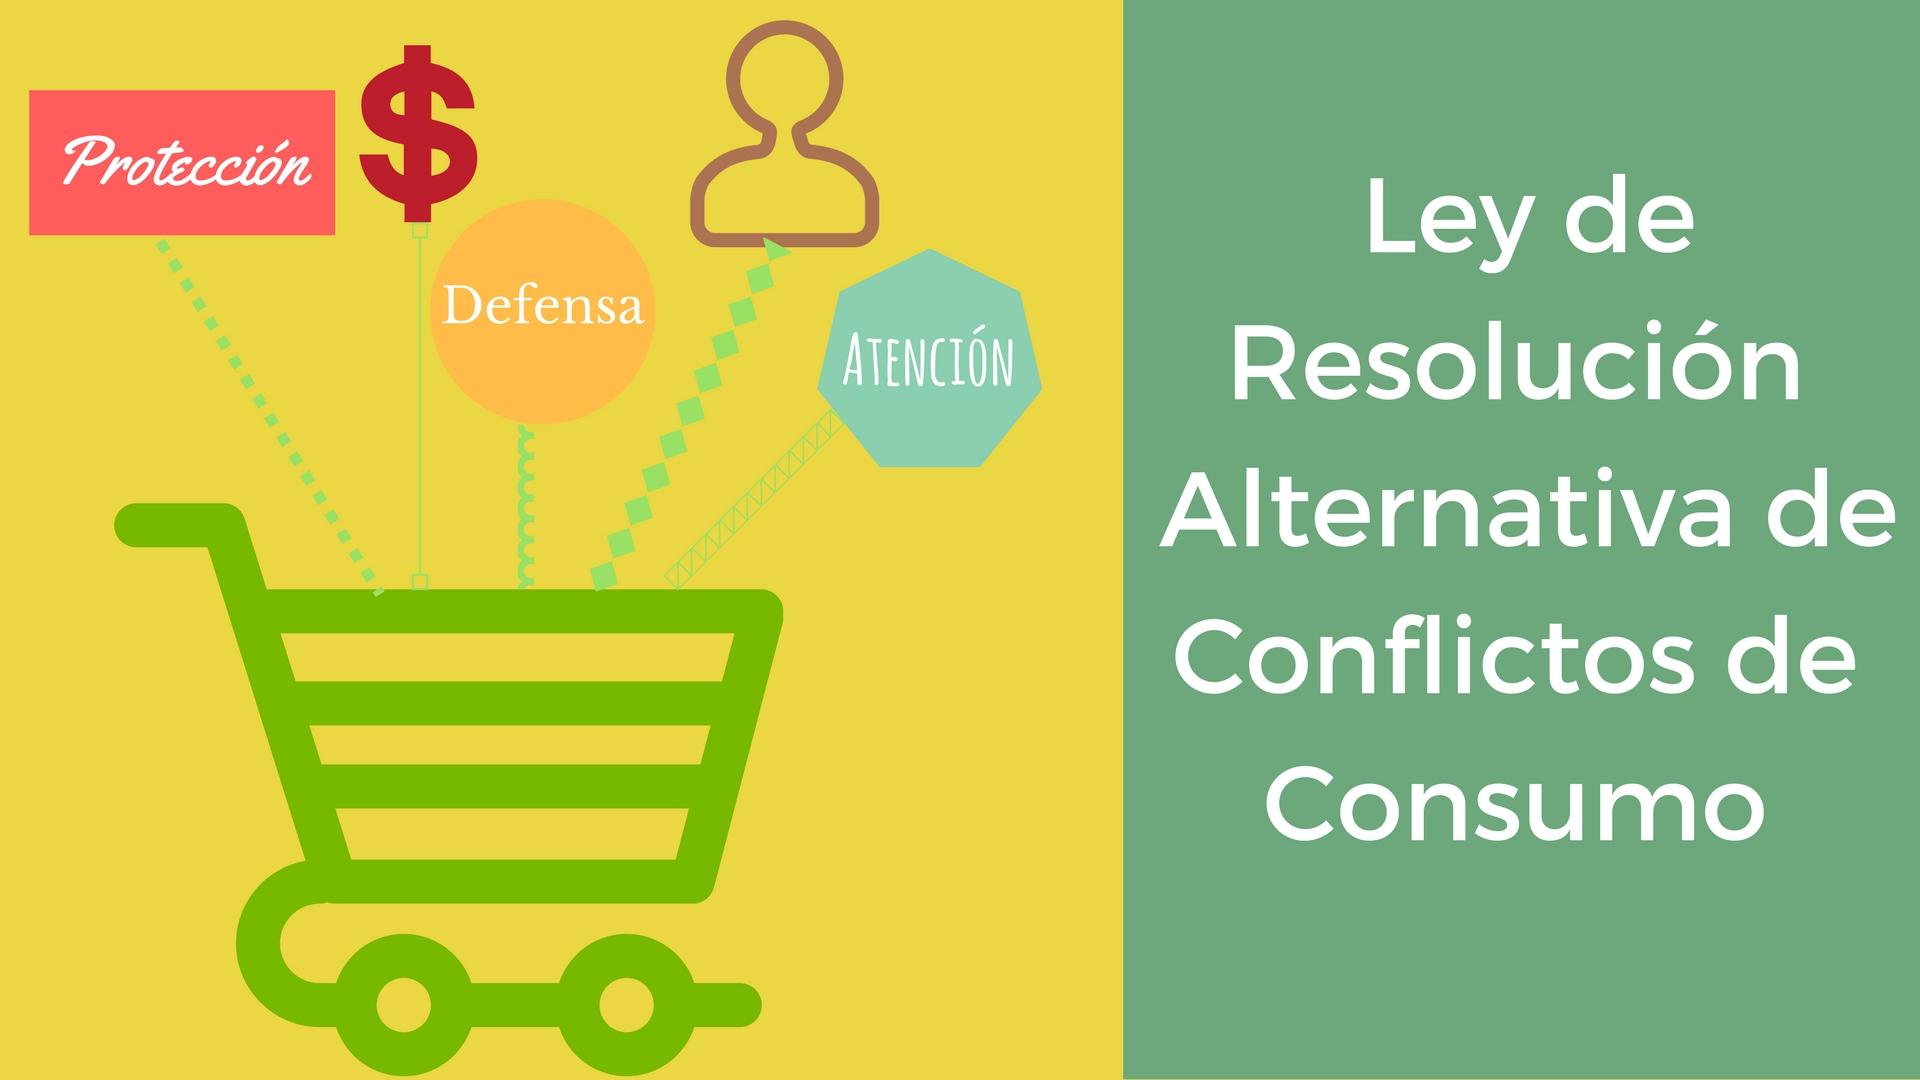 Ley sobre resolución de conflictos de manera alternativa entre el consumidor y el empresario